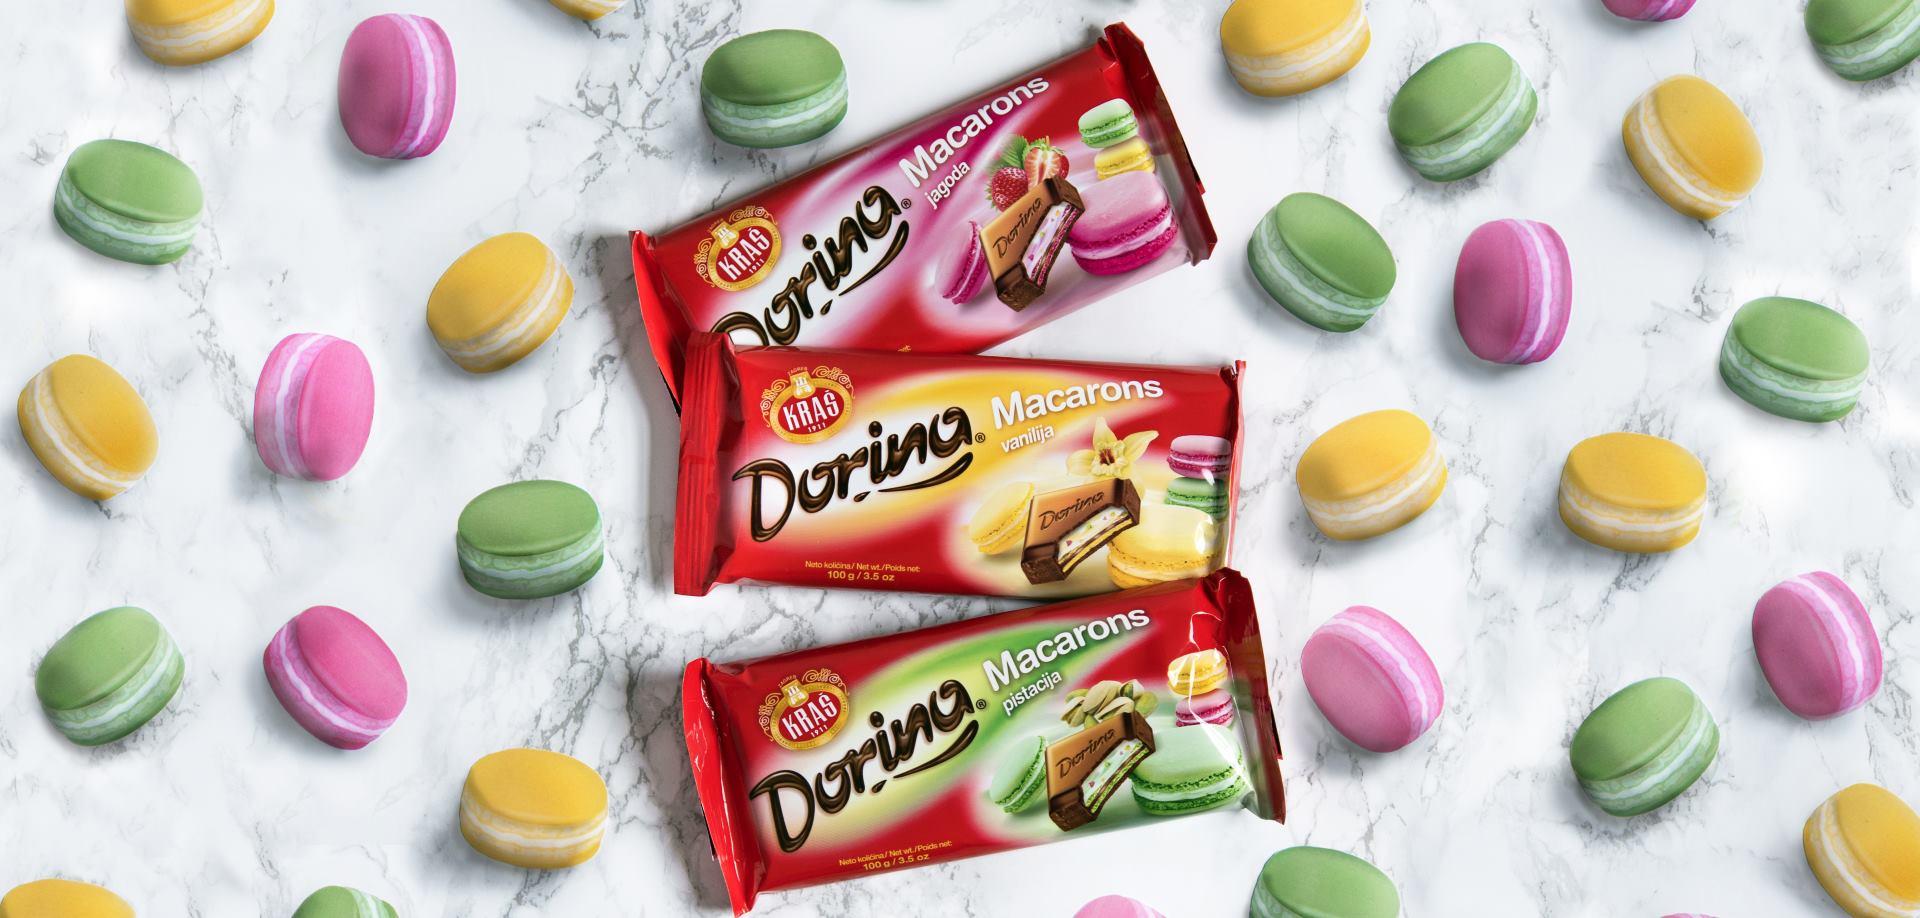 DORINA MACARONS Jedinstvena francuska delicija u omiljenoj Kraševoj čokoladi